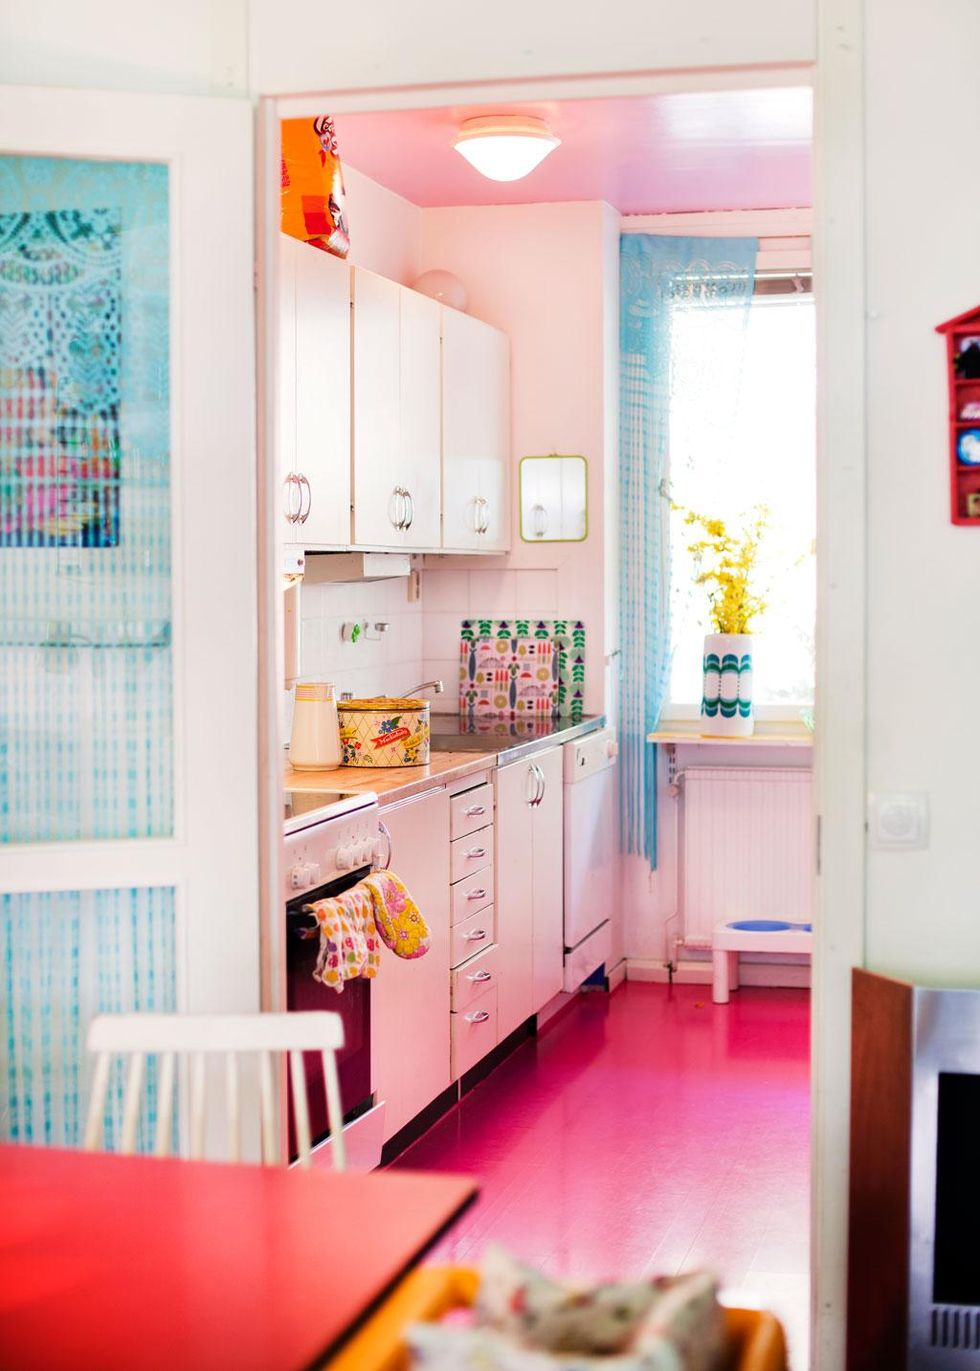 Lägenhet med feeling för färg – Hus & Hem